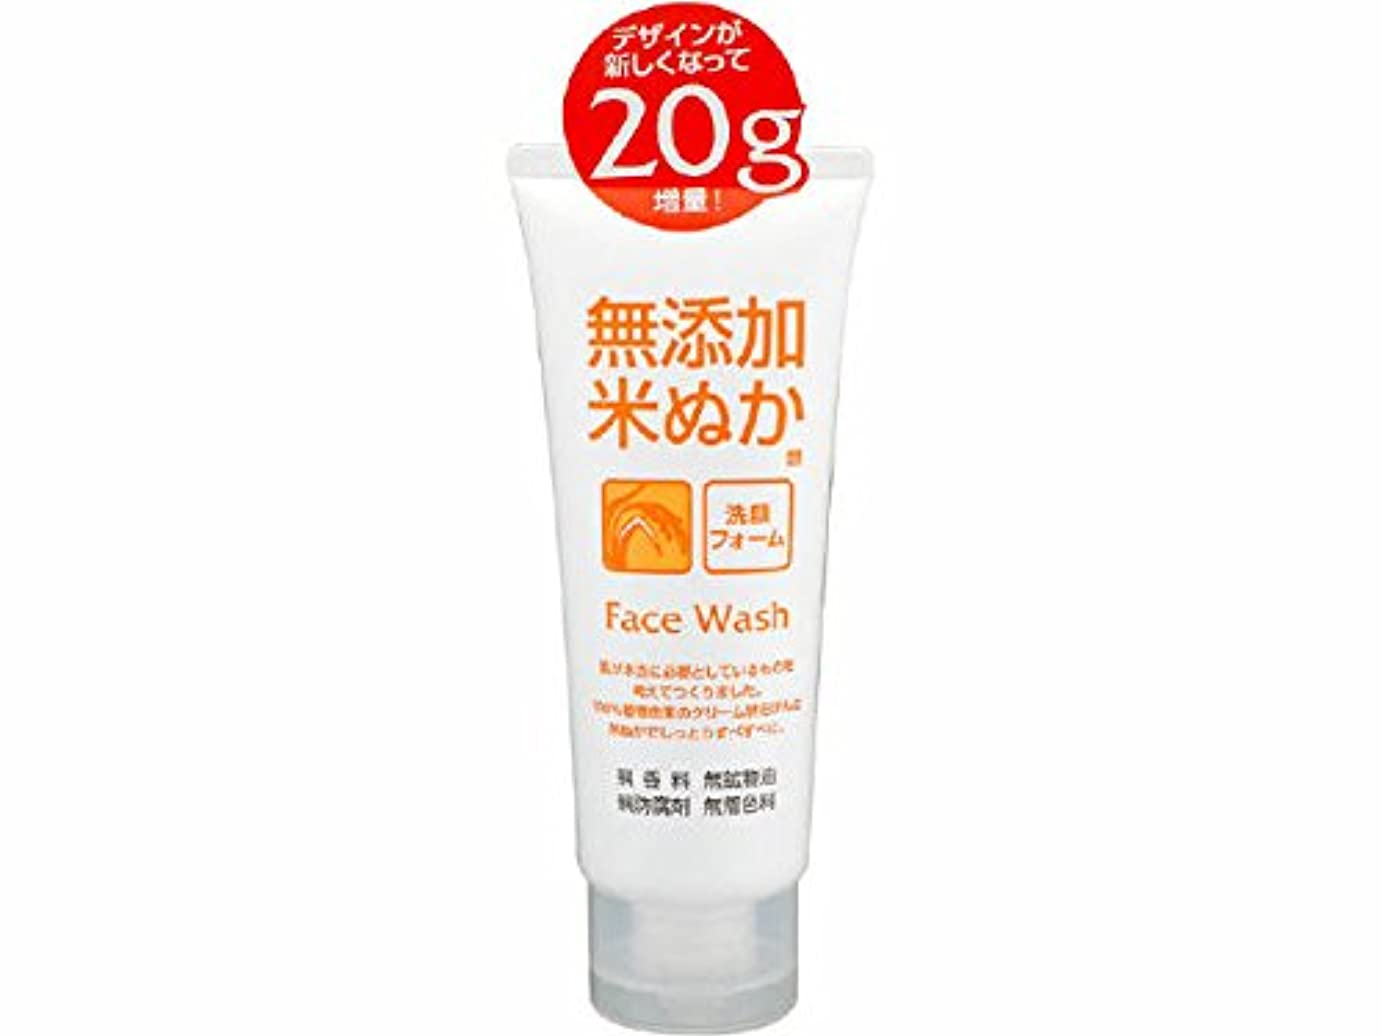 ワット動く質量ロゼット(ROSETTE) 無添加米ぬか 洗顔フォーム 140g 100%植物由来のクリーム状石けんに米ぬかエキスを配合した洗顔フォーム×48点セット (4901696534069)